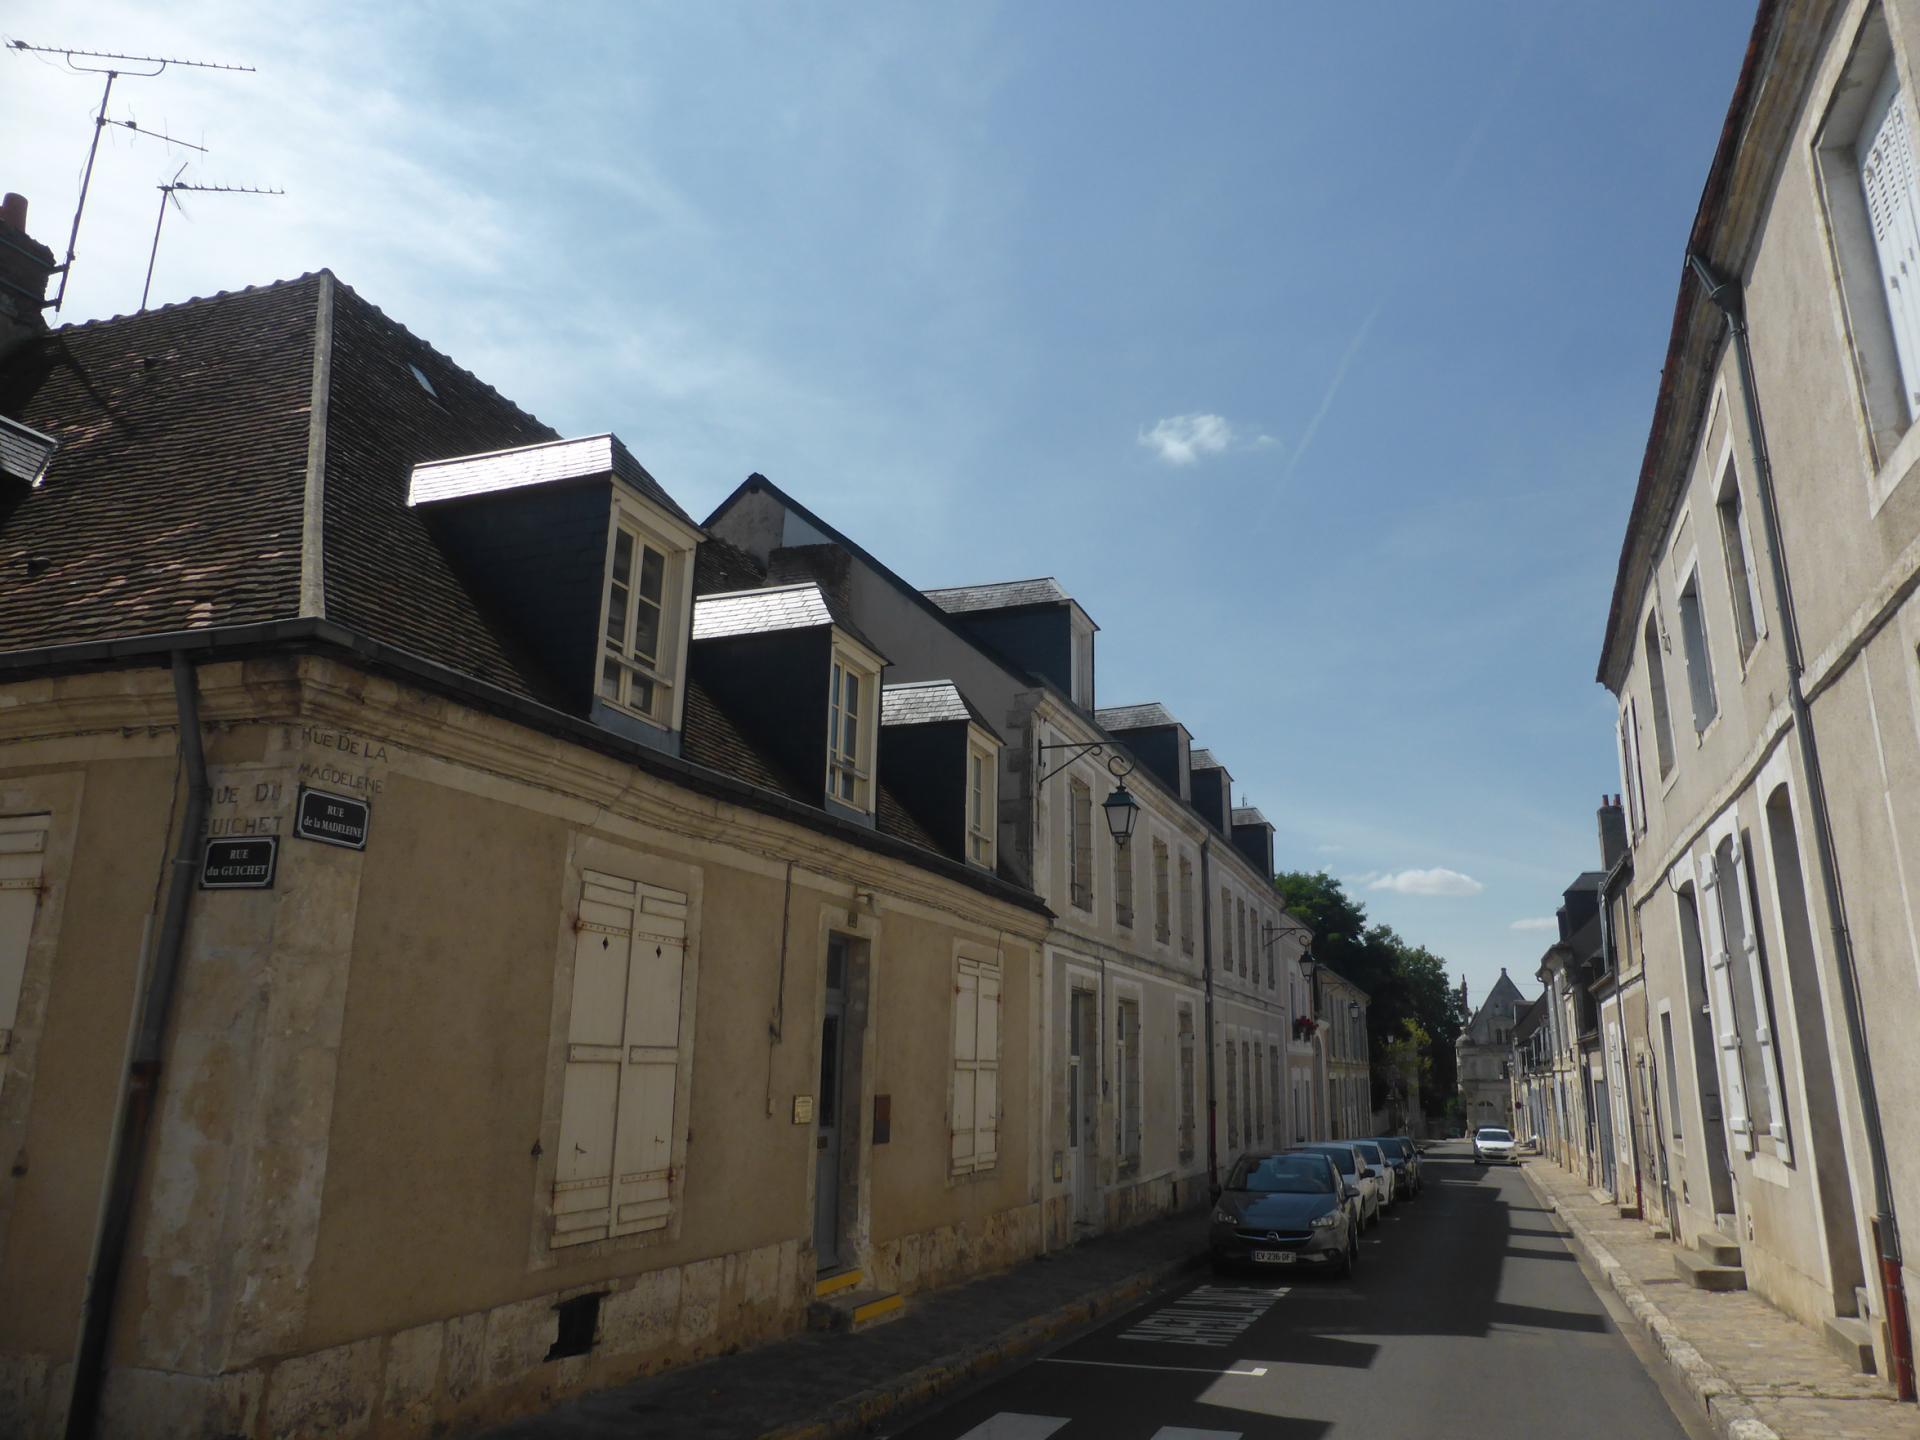 Châteaudun, maison basse à comble mansardé et rue en perspective, XVIIIe siècle, cl. Ph. Cachau